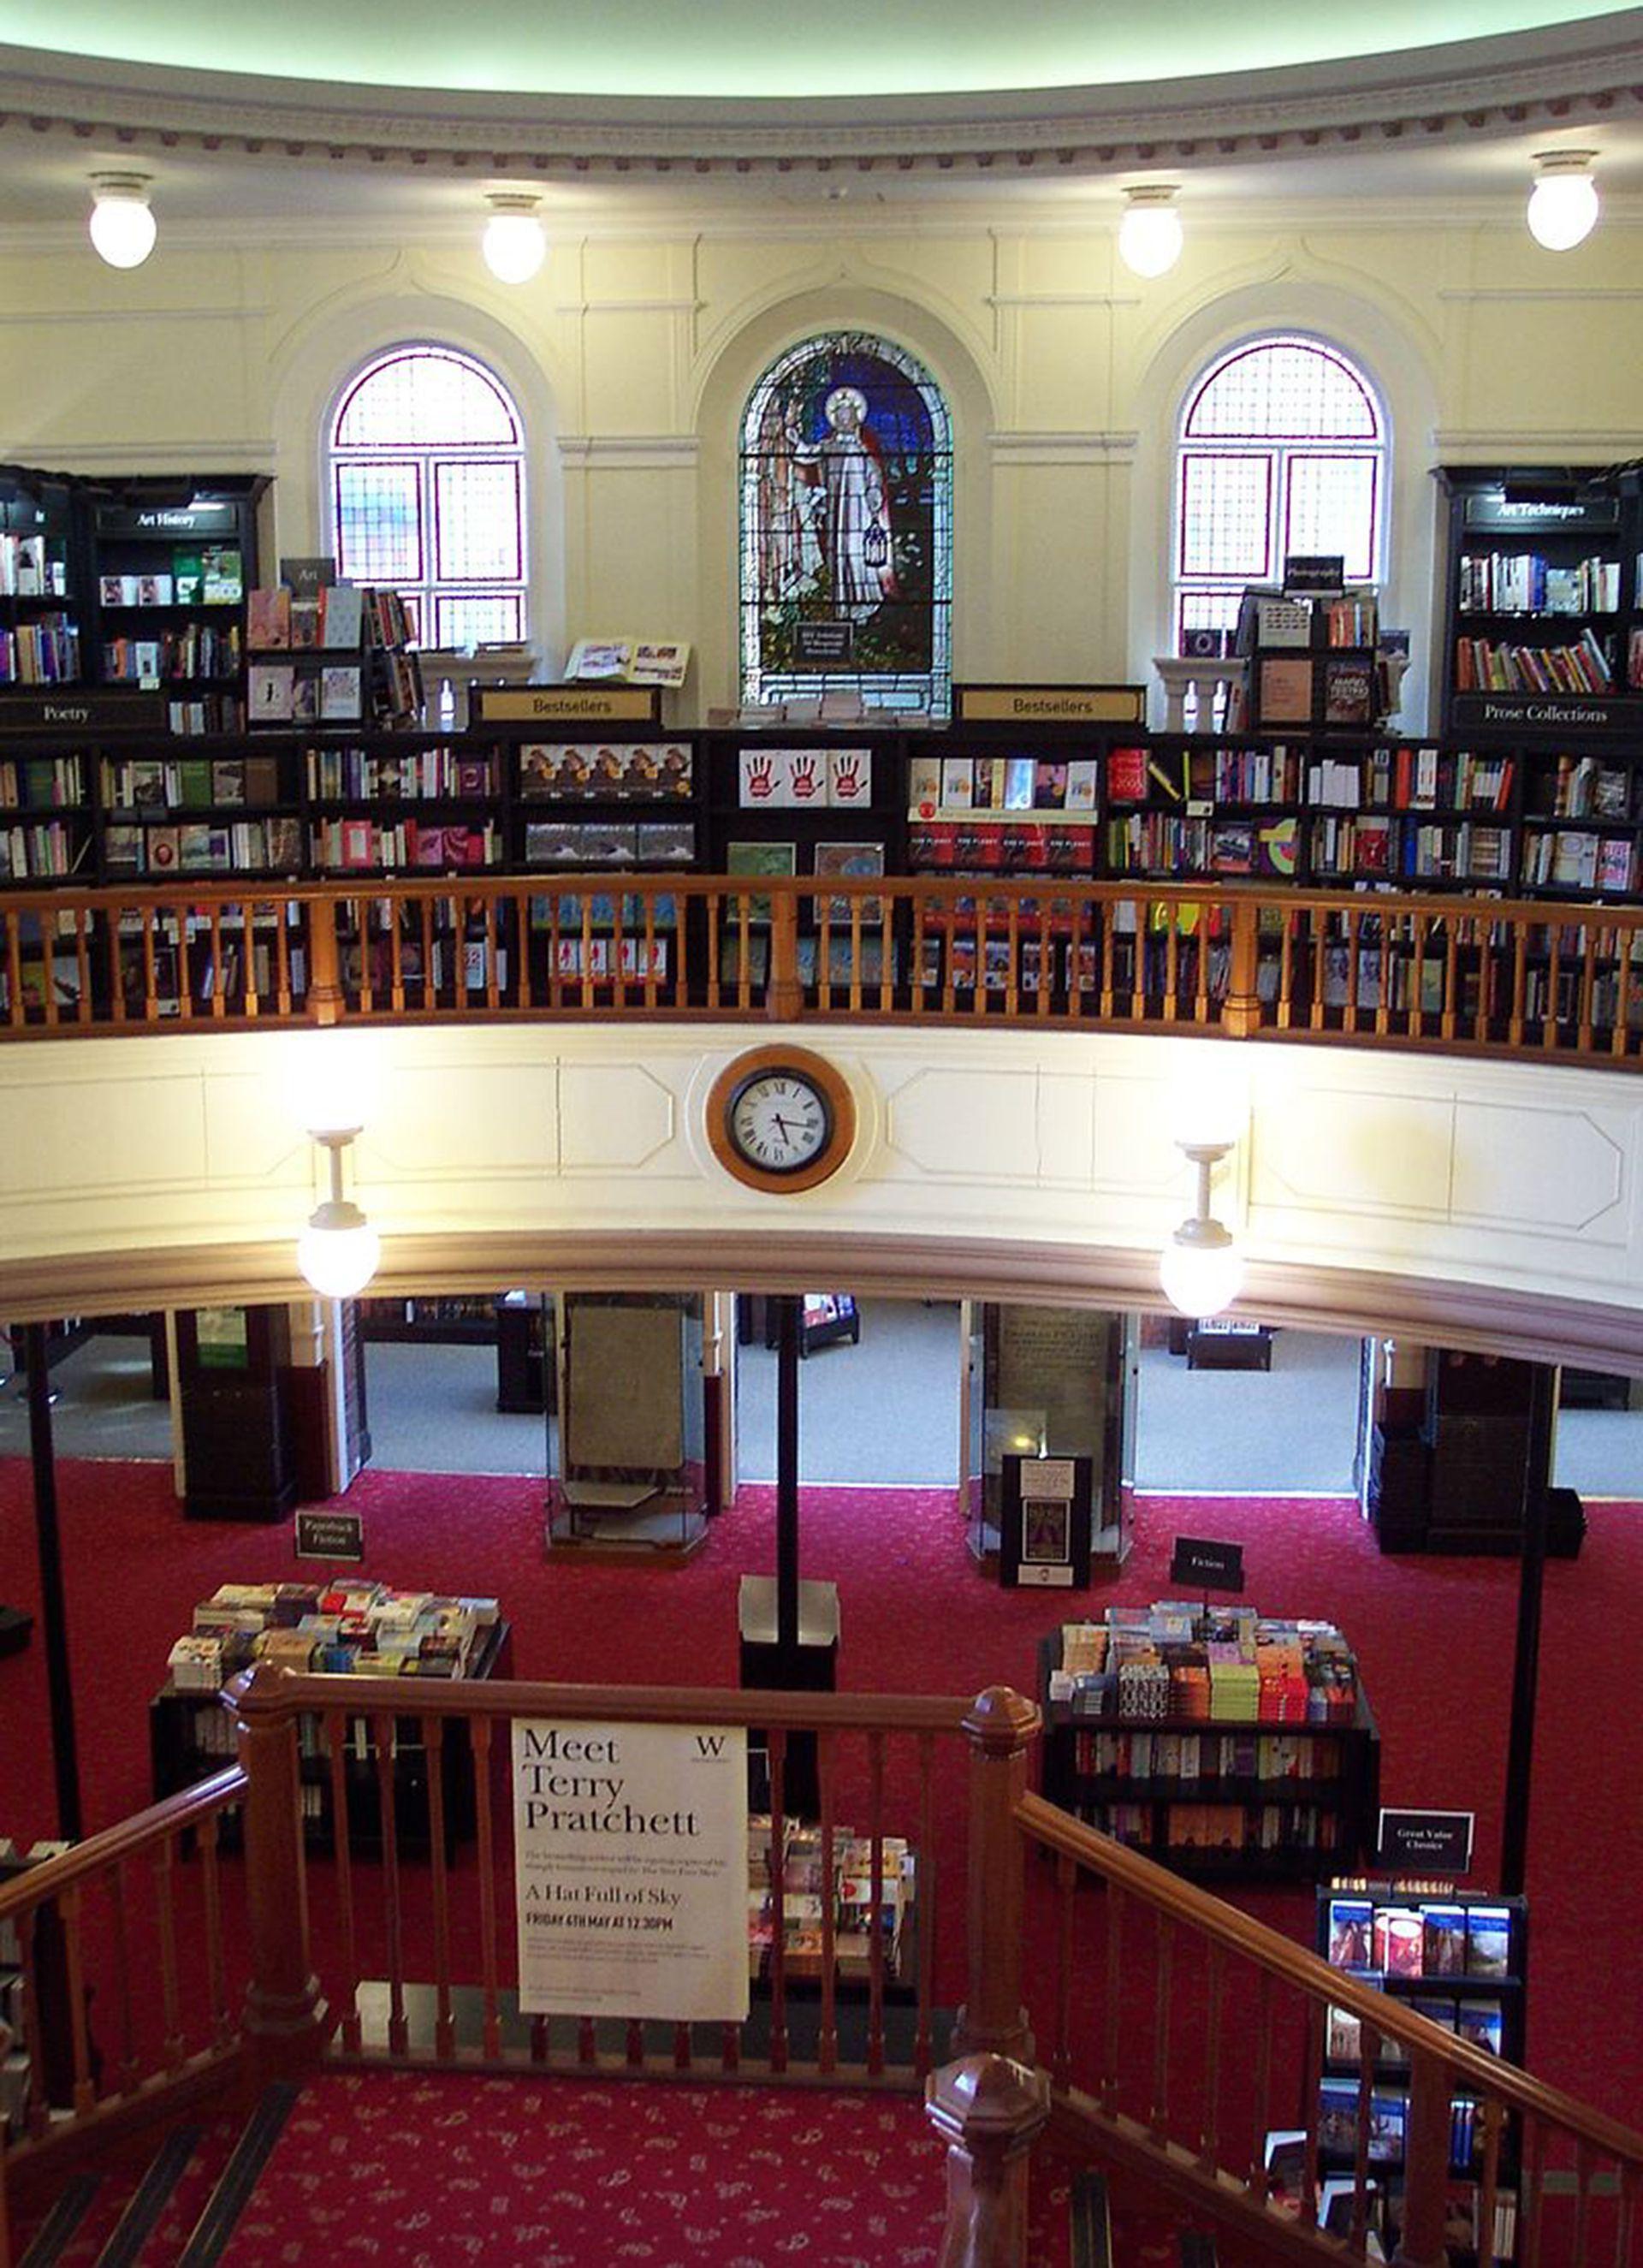 Waterstones, la cadena de librerías más grande de Reino Unido